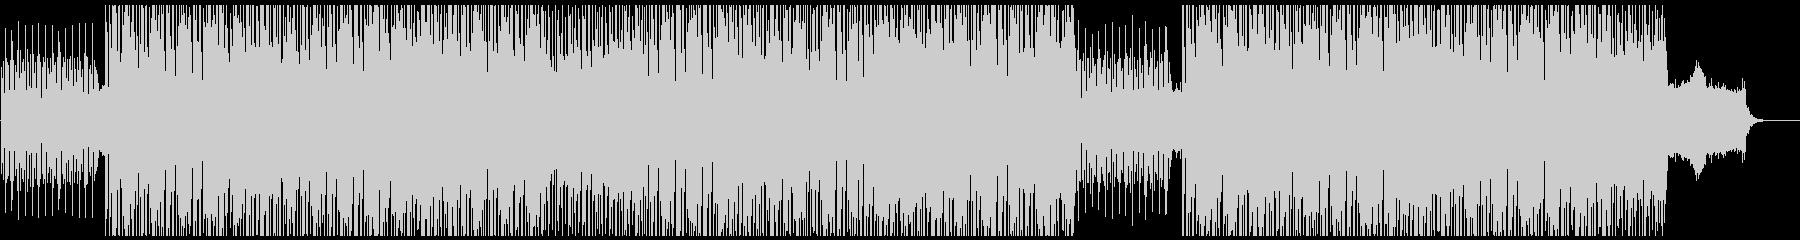 スペーシーでファンキーなインストの未再生の波形